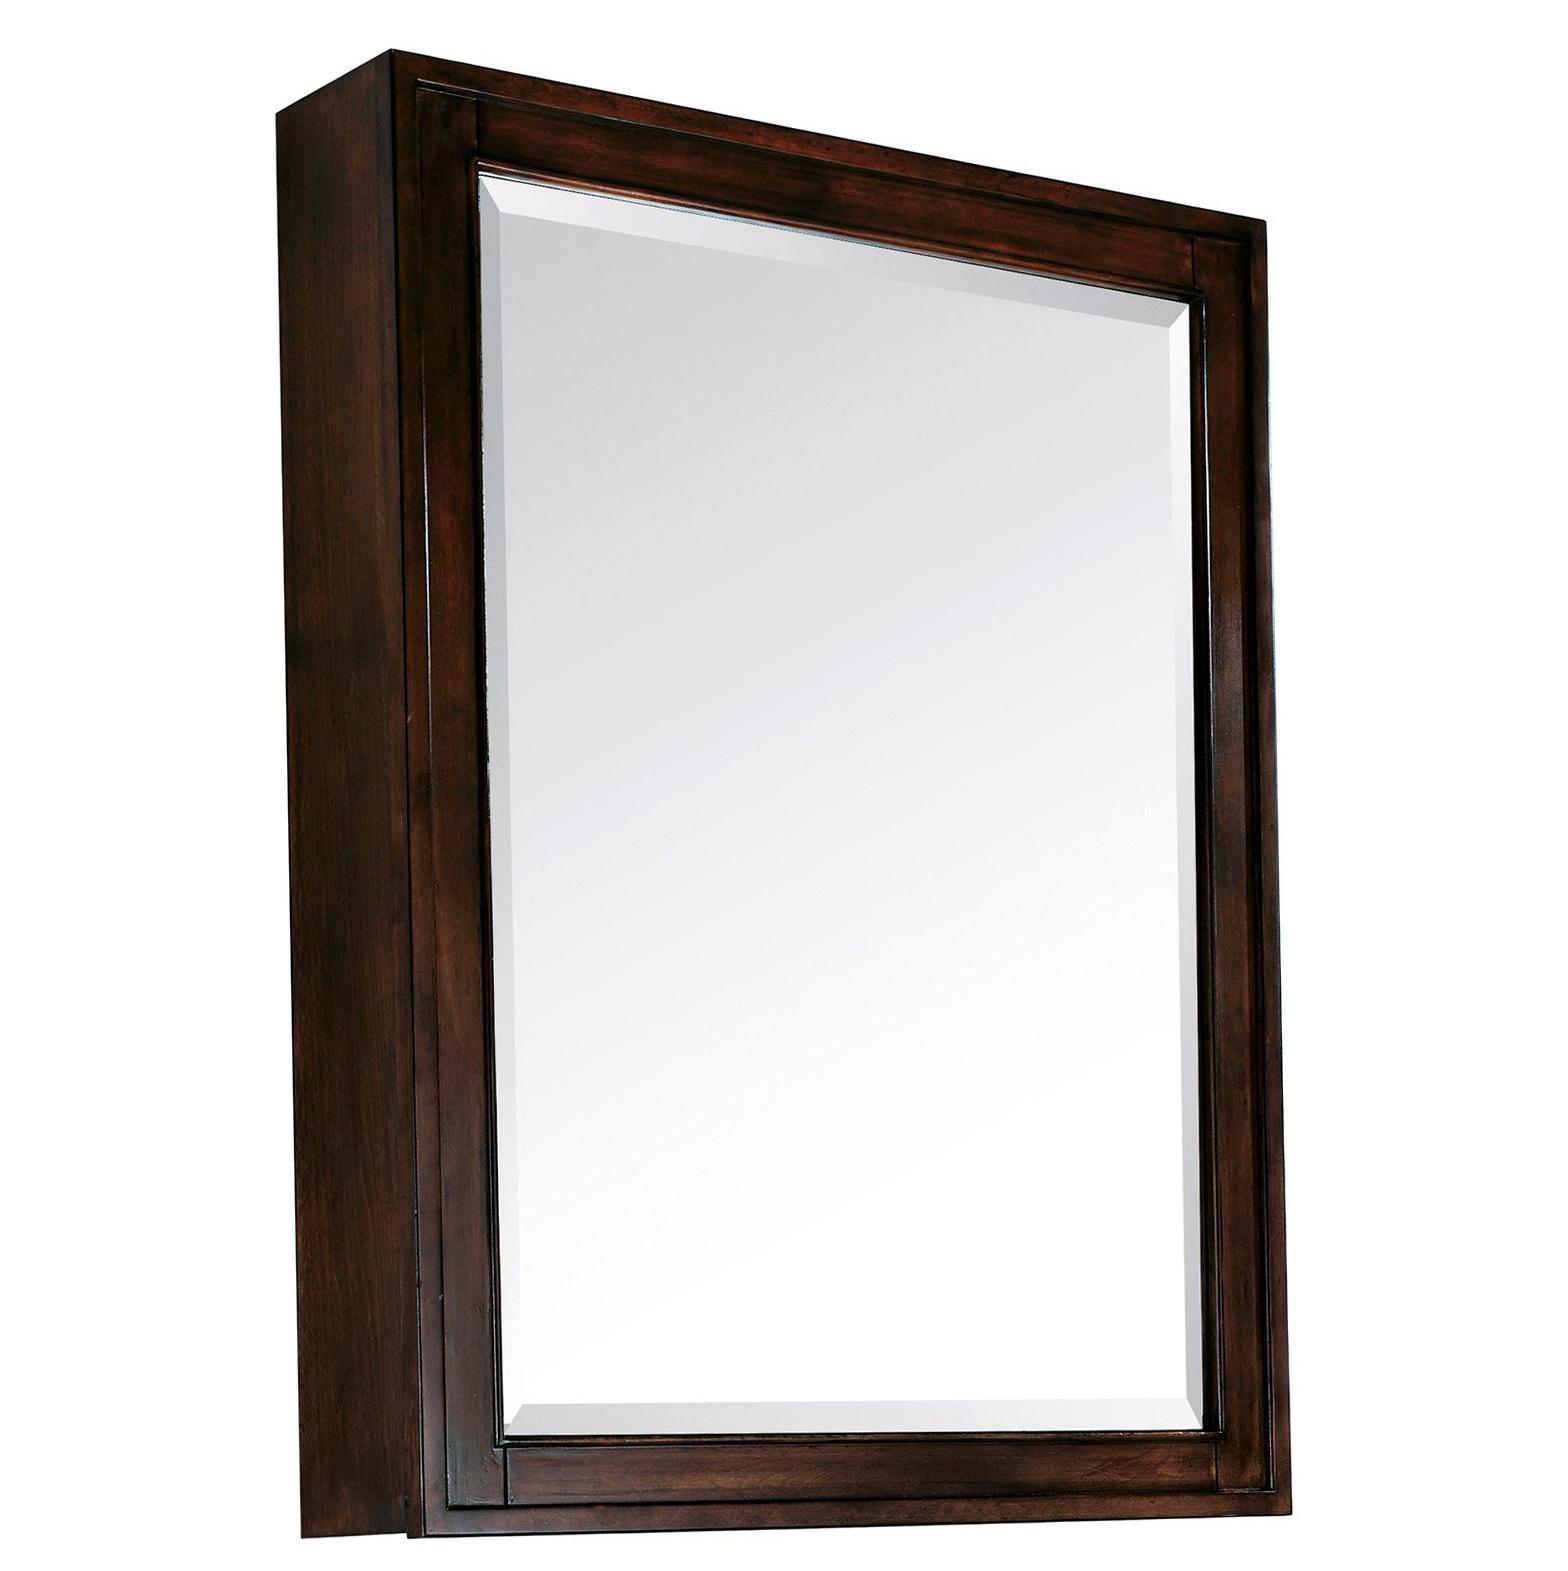 Espresso Medicine Cabinet With Mirror